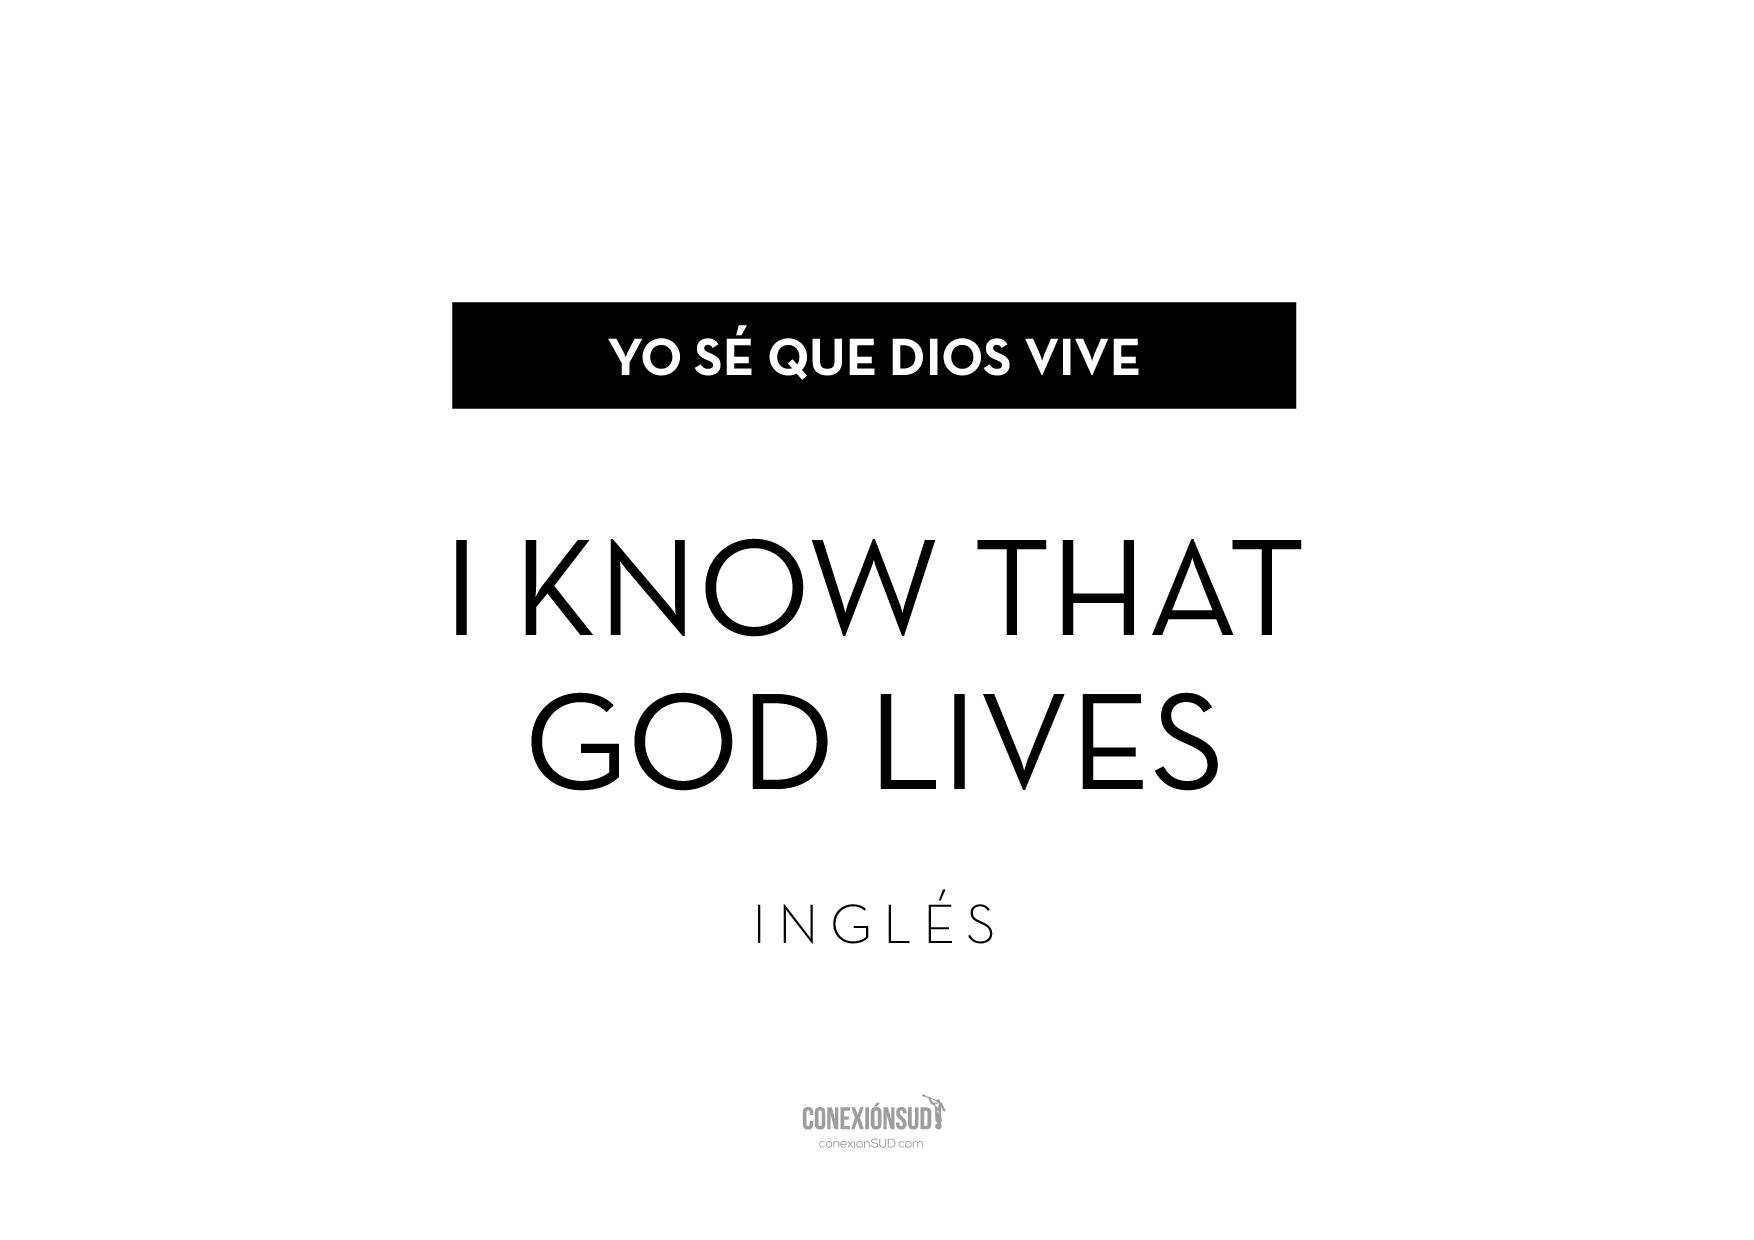 misionero por un dia_ConexionSUD